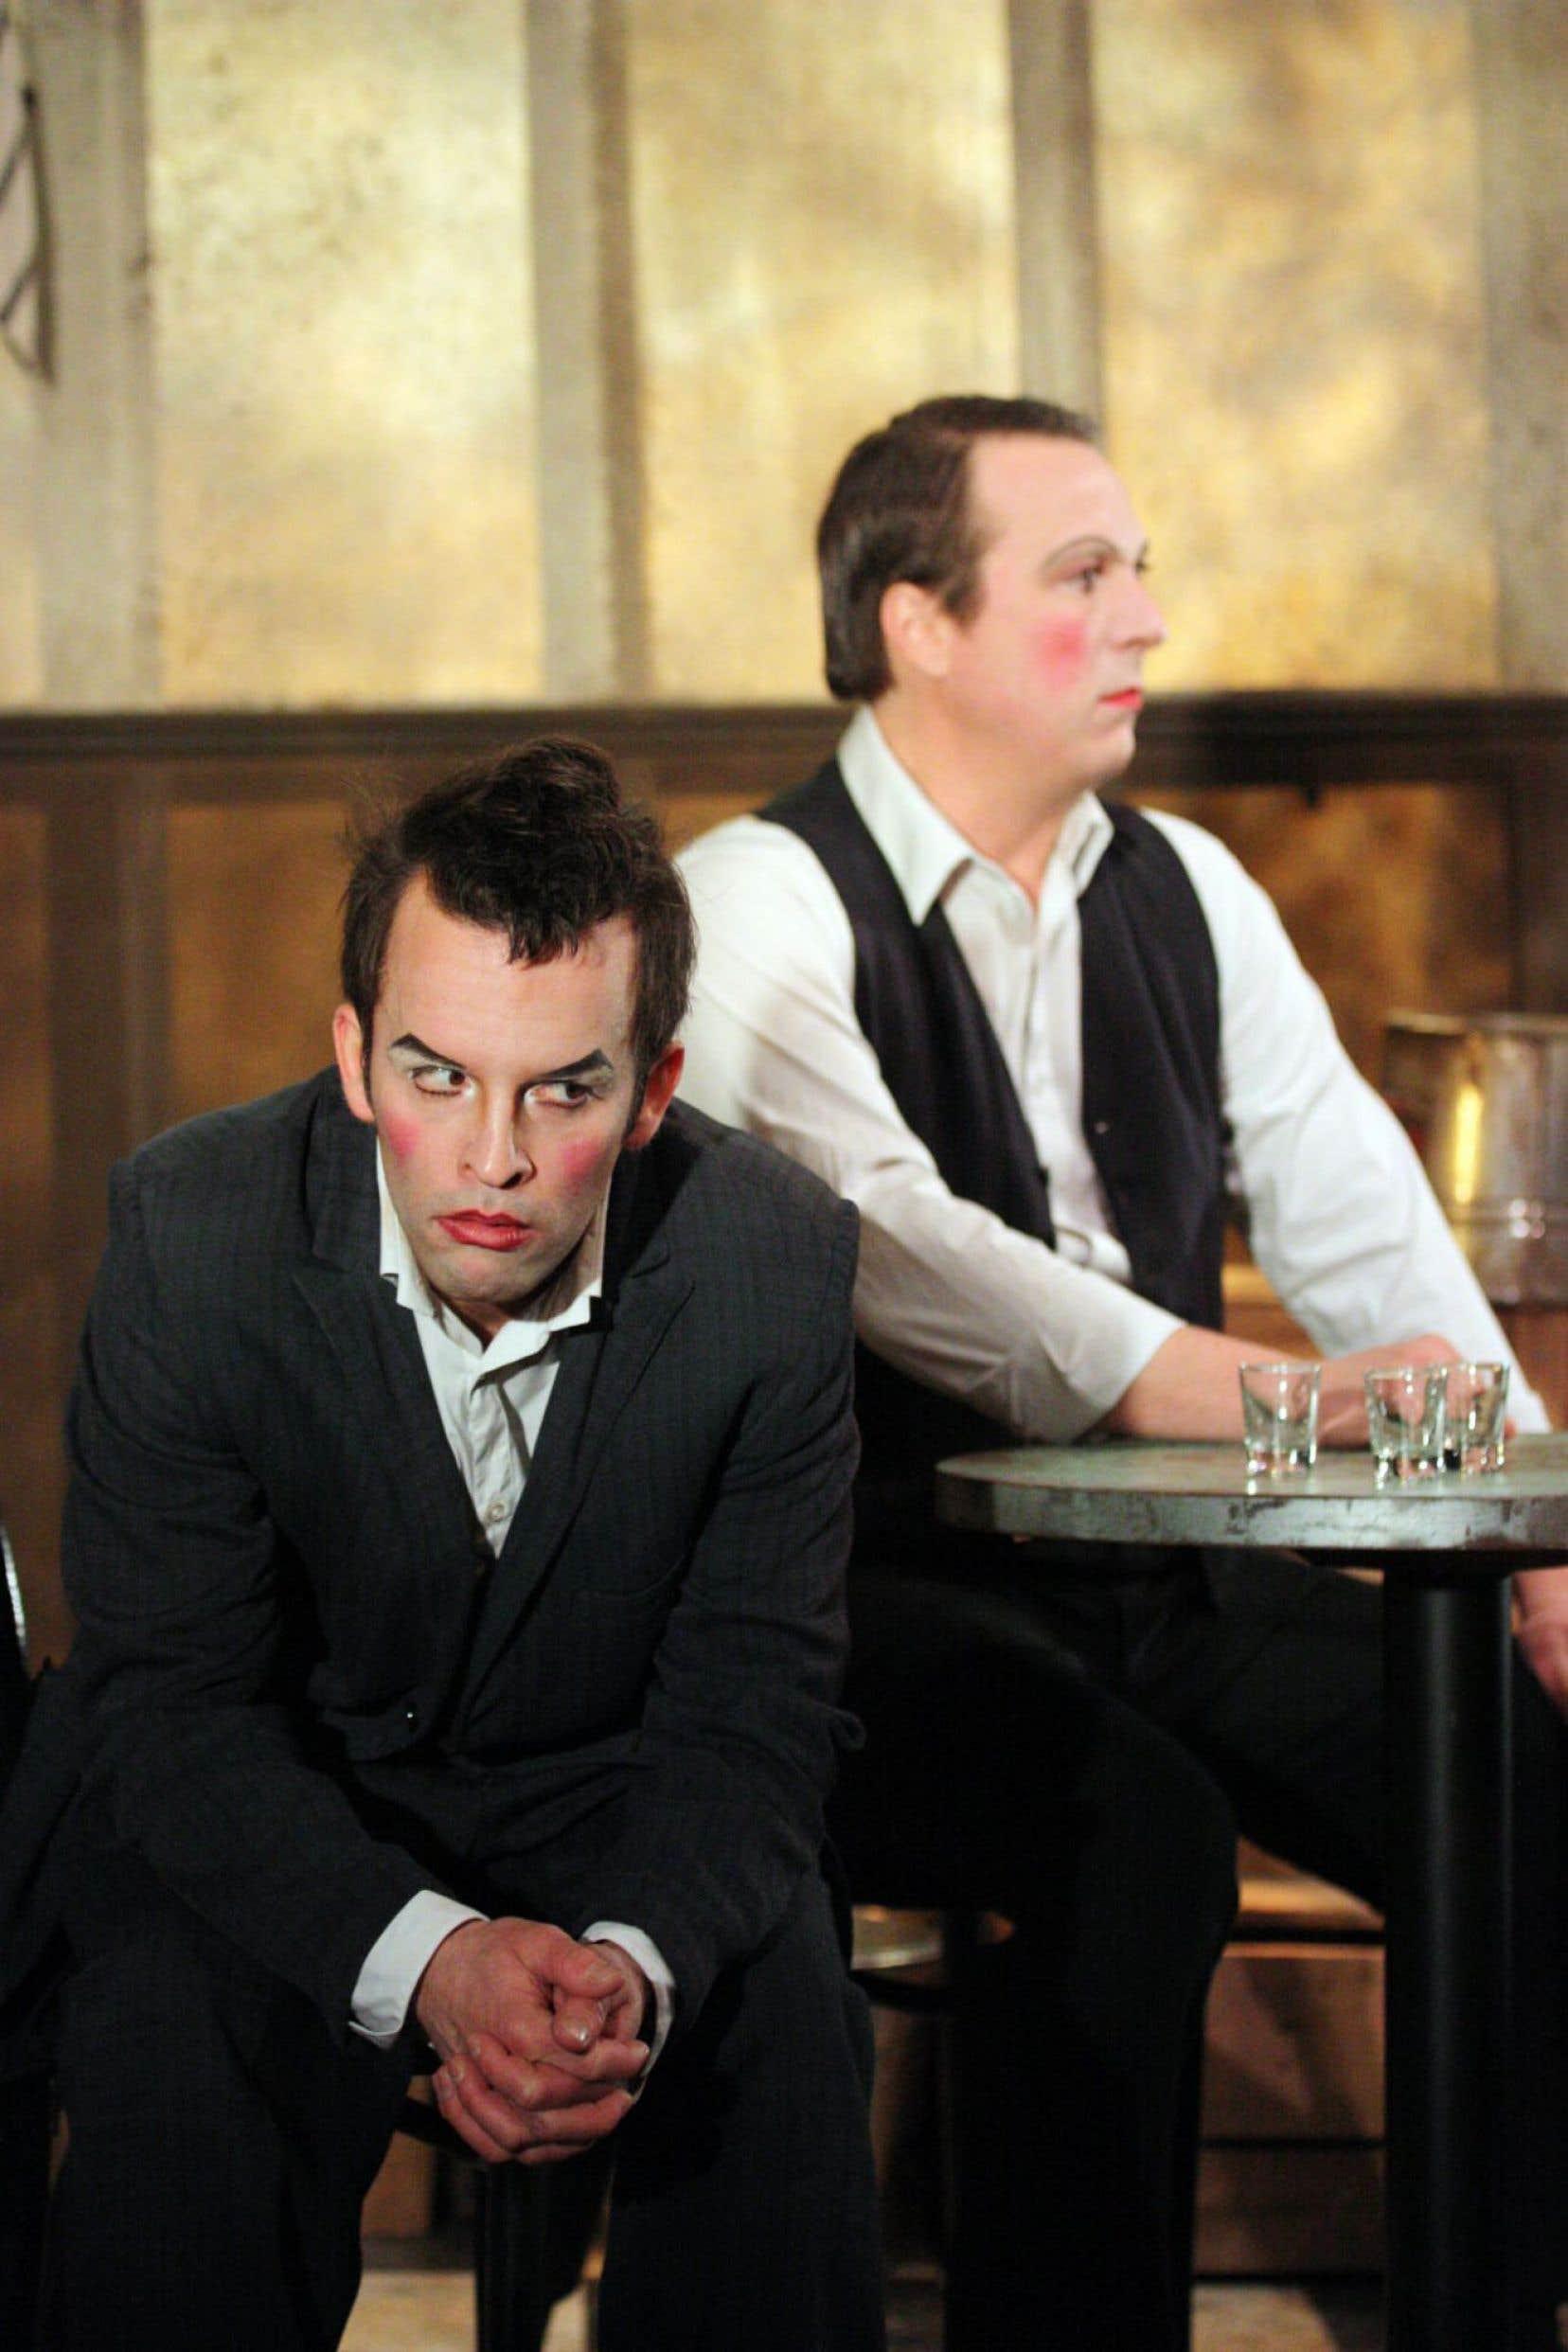 Une scène de Bar, montée en 2011 par Luce Pelletier